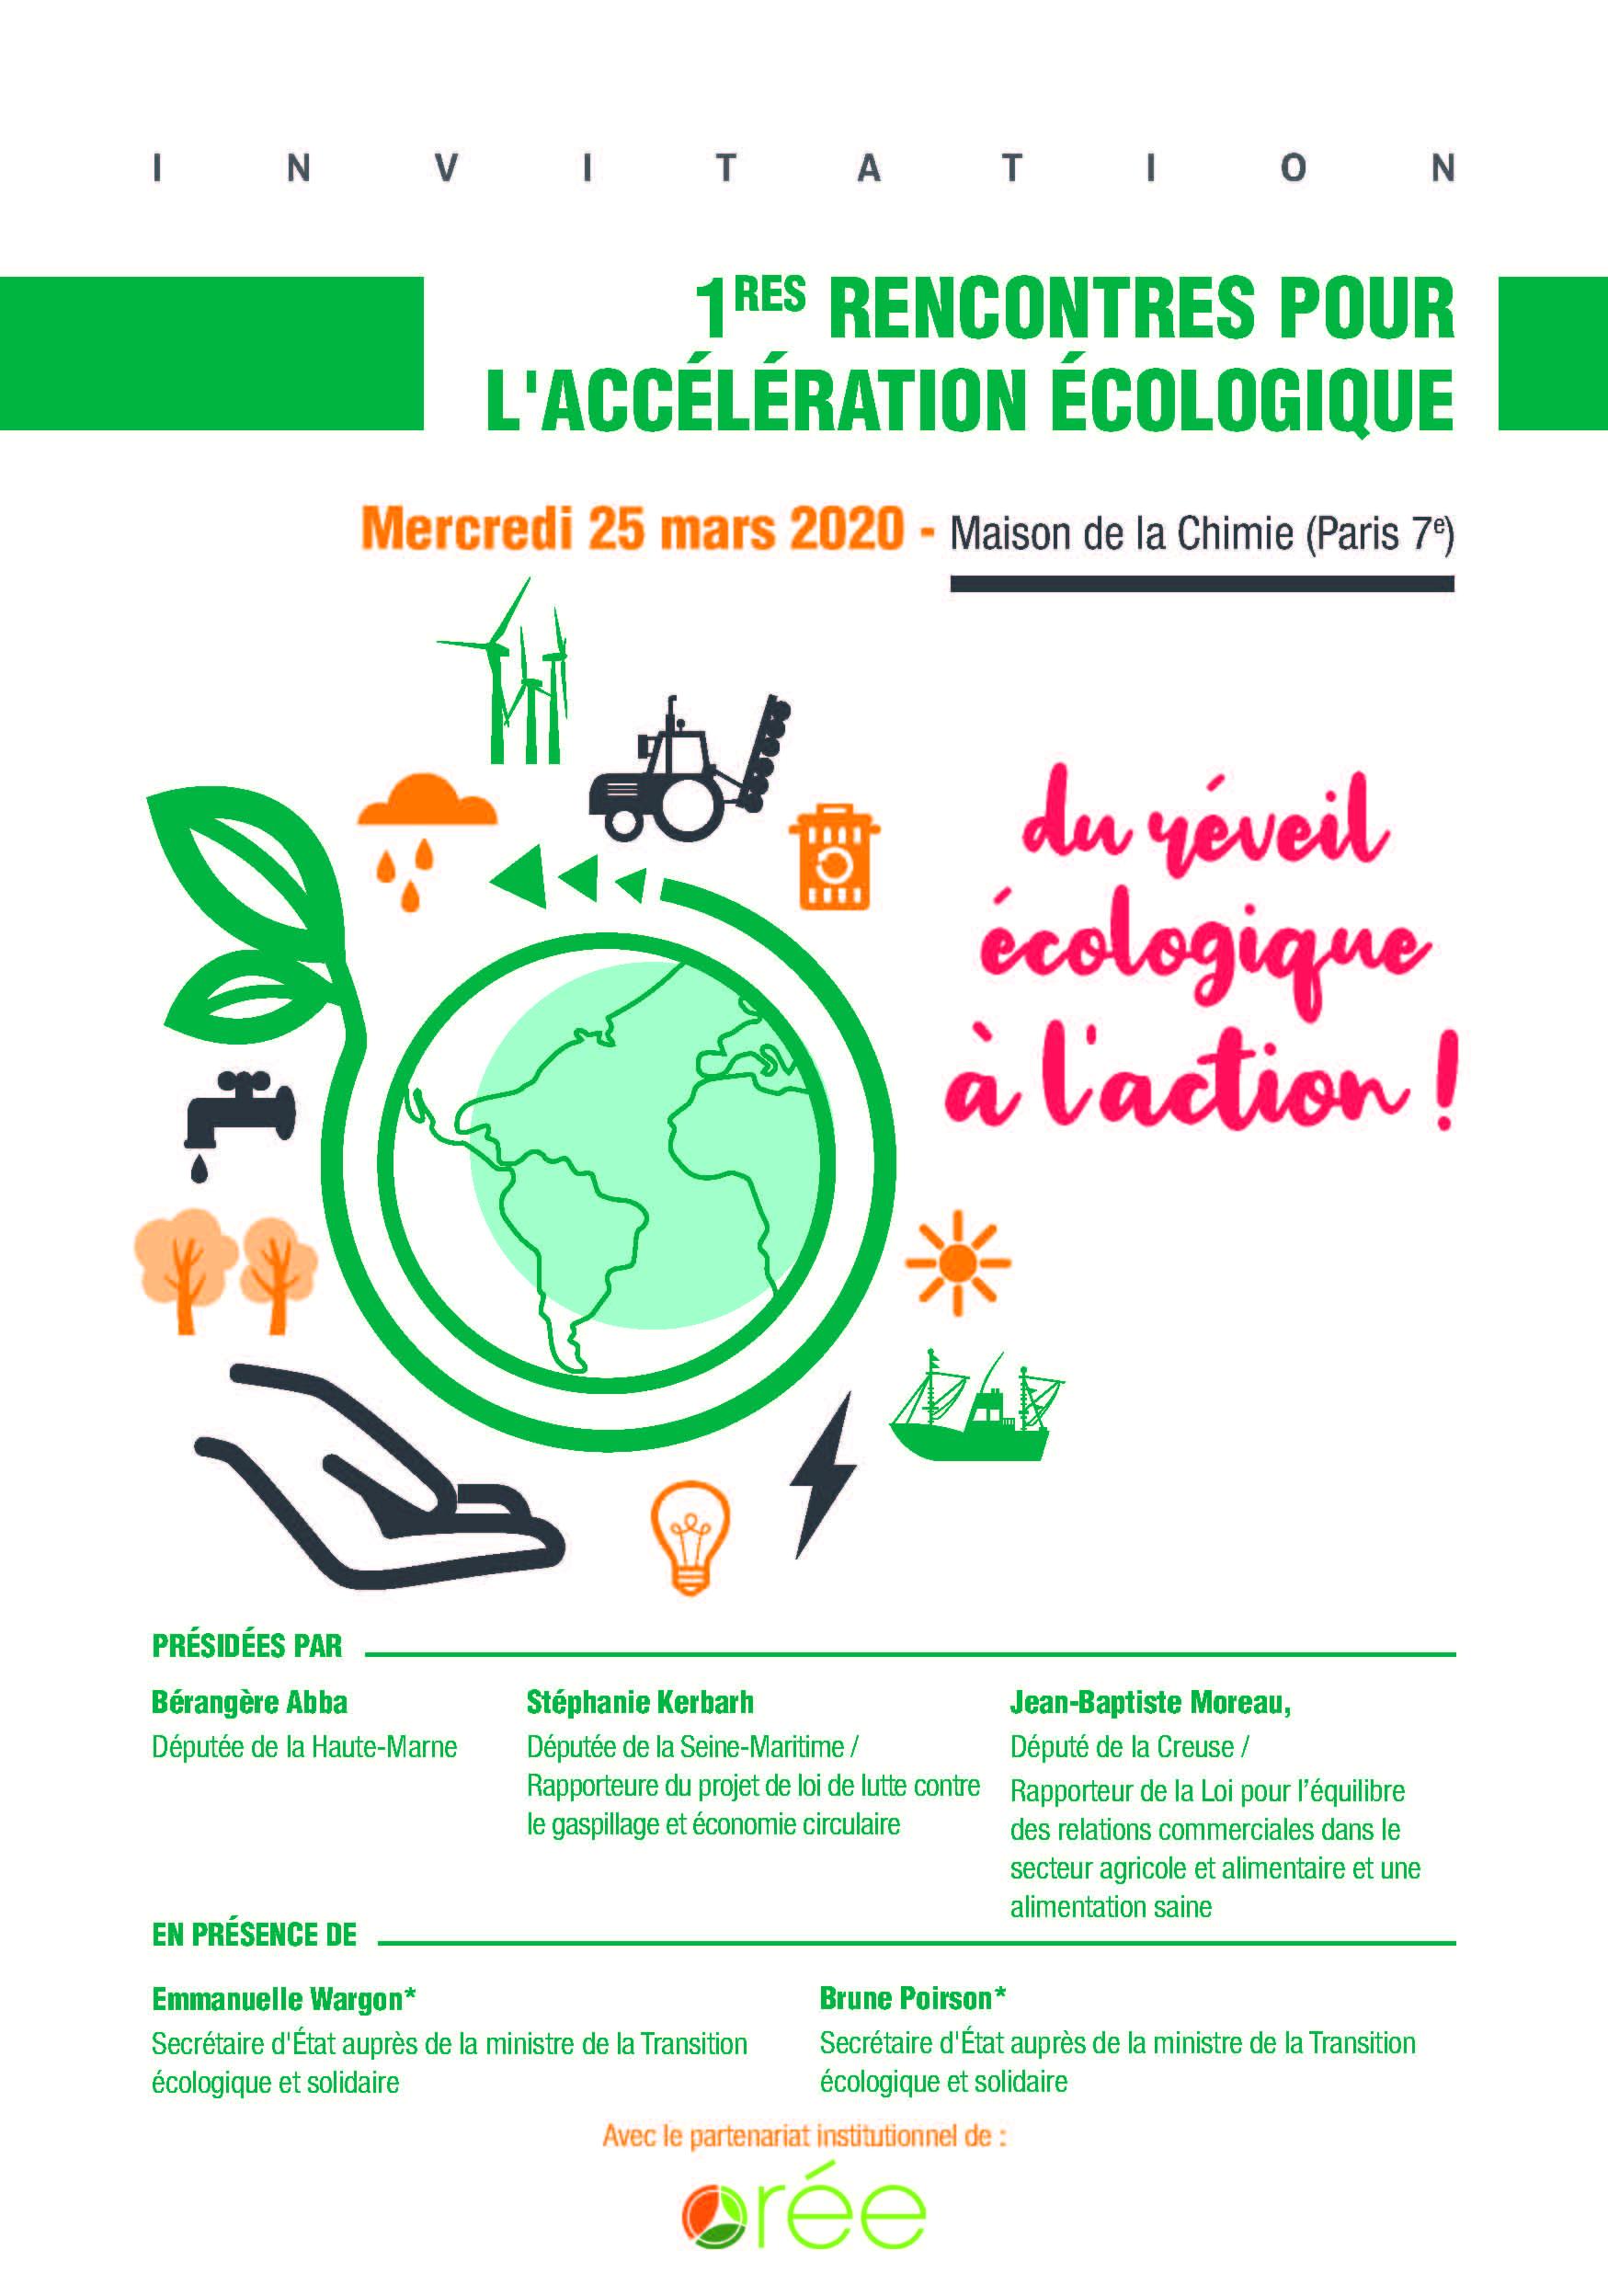 1res rencontres pour l'accélération écologique